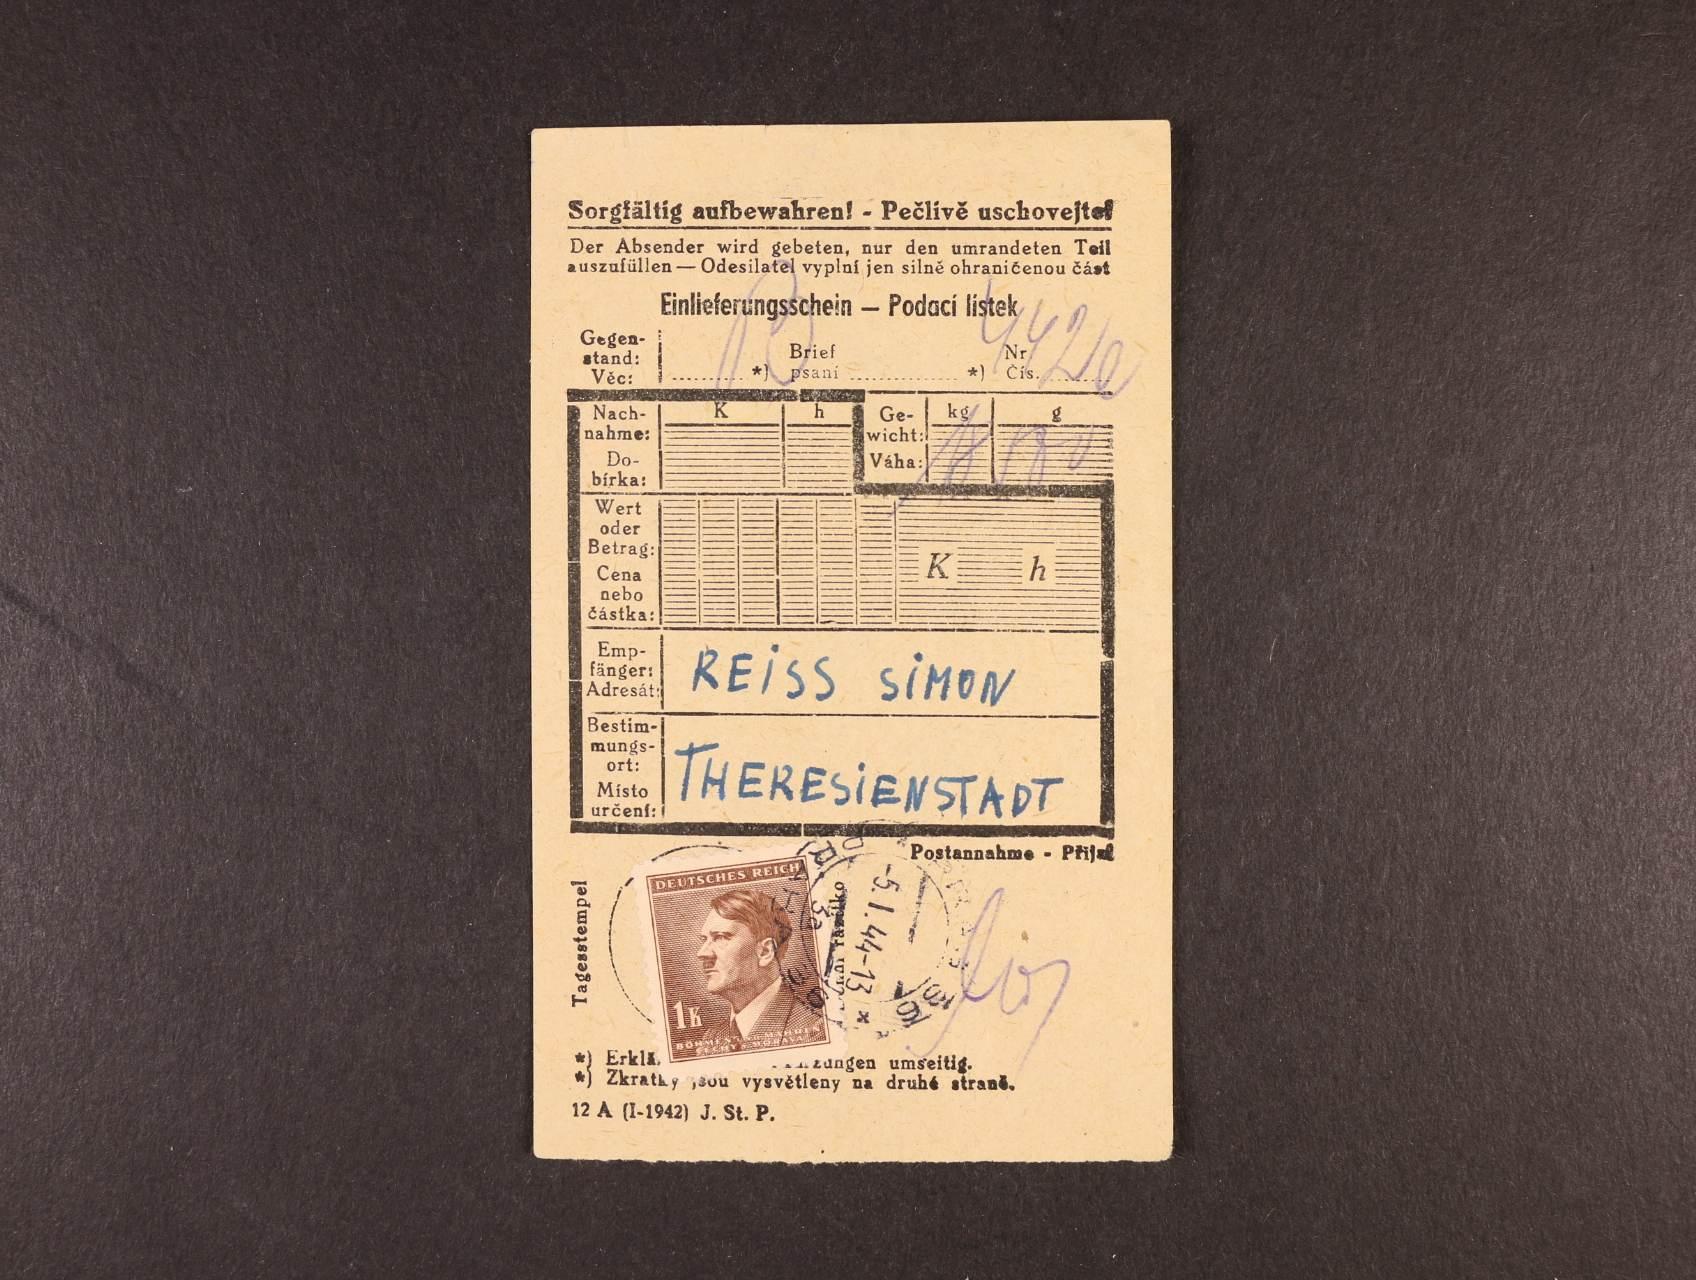 Theresienstadt - frankovaný pod. lístek na dopis do KT